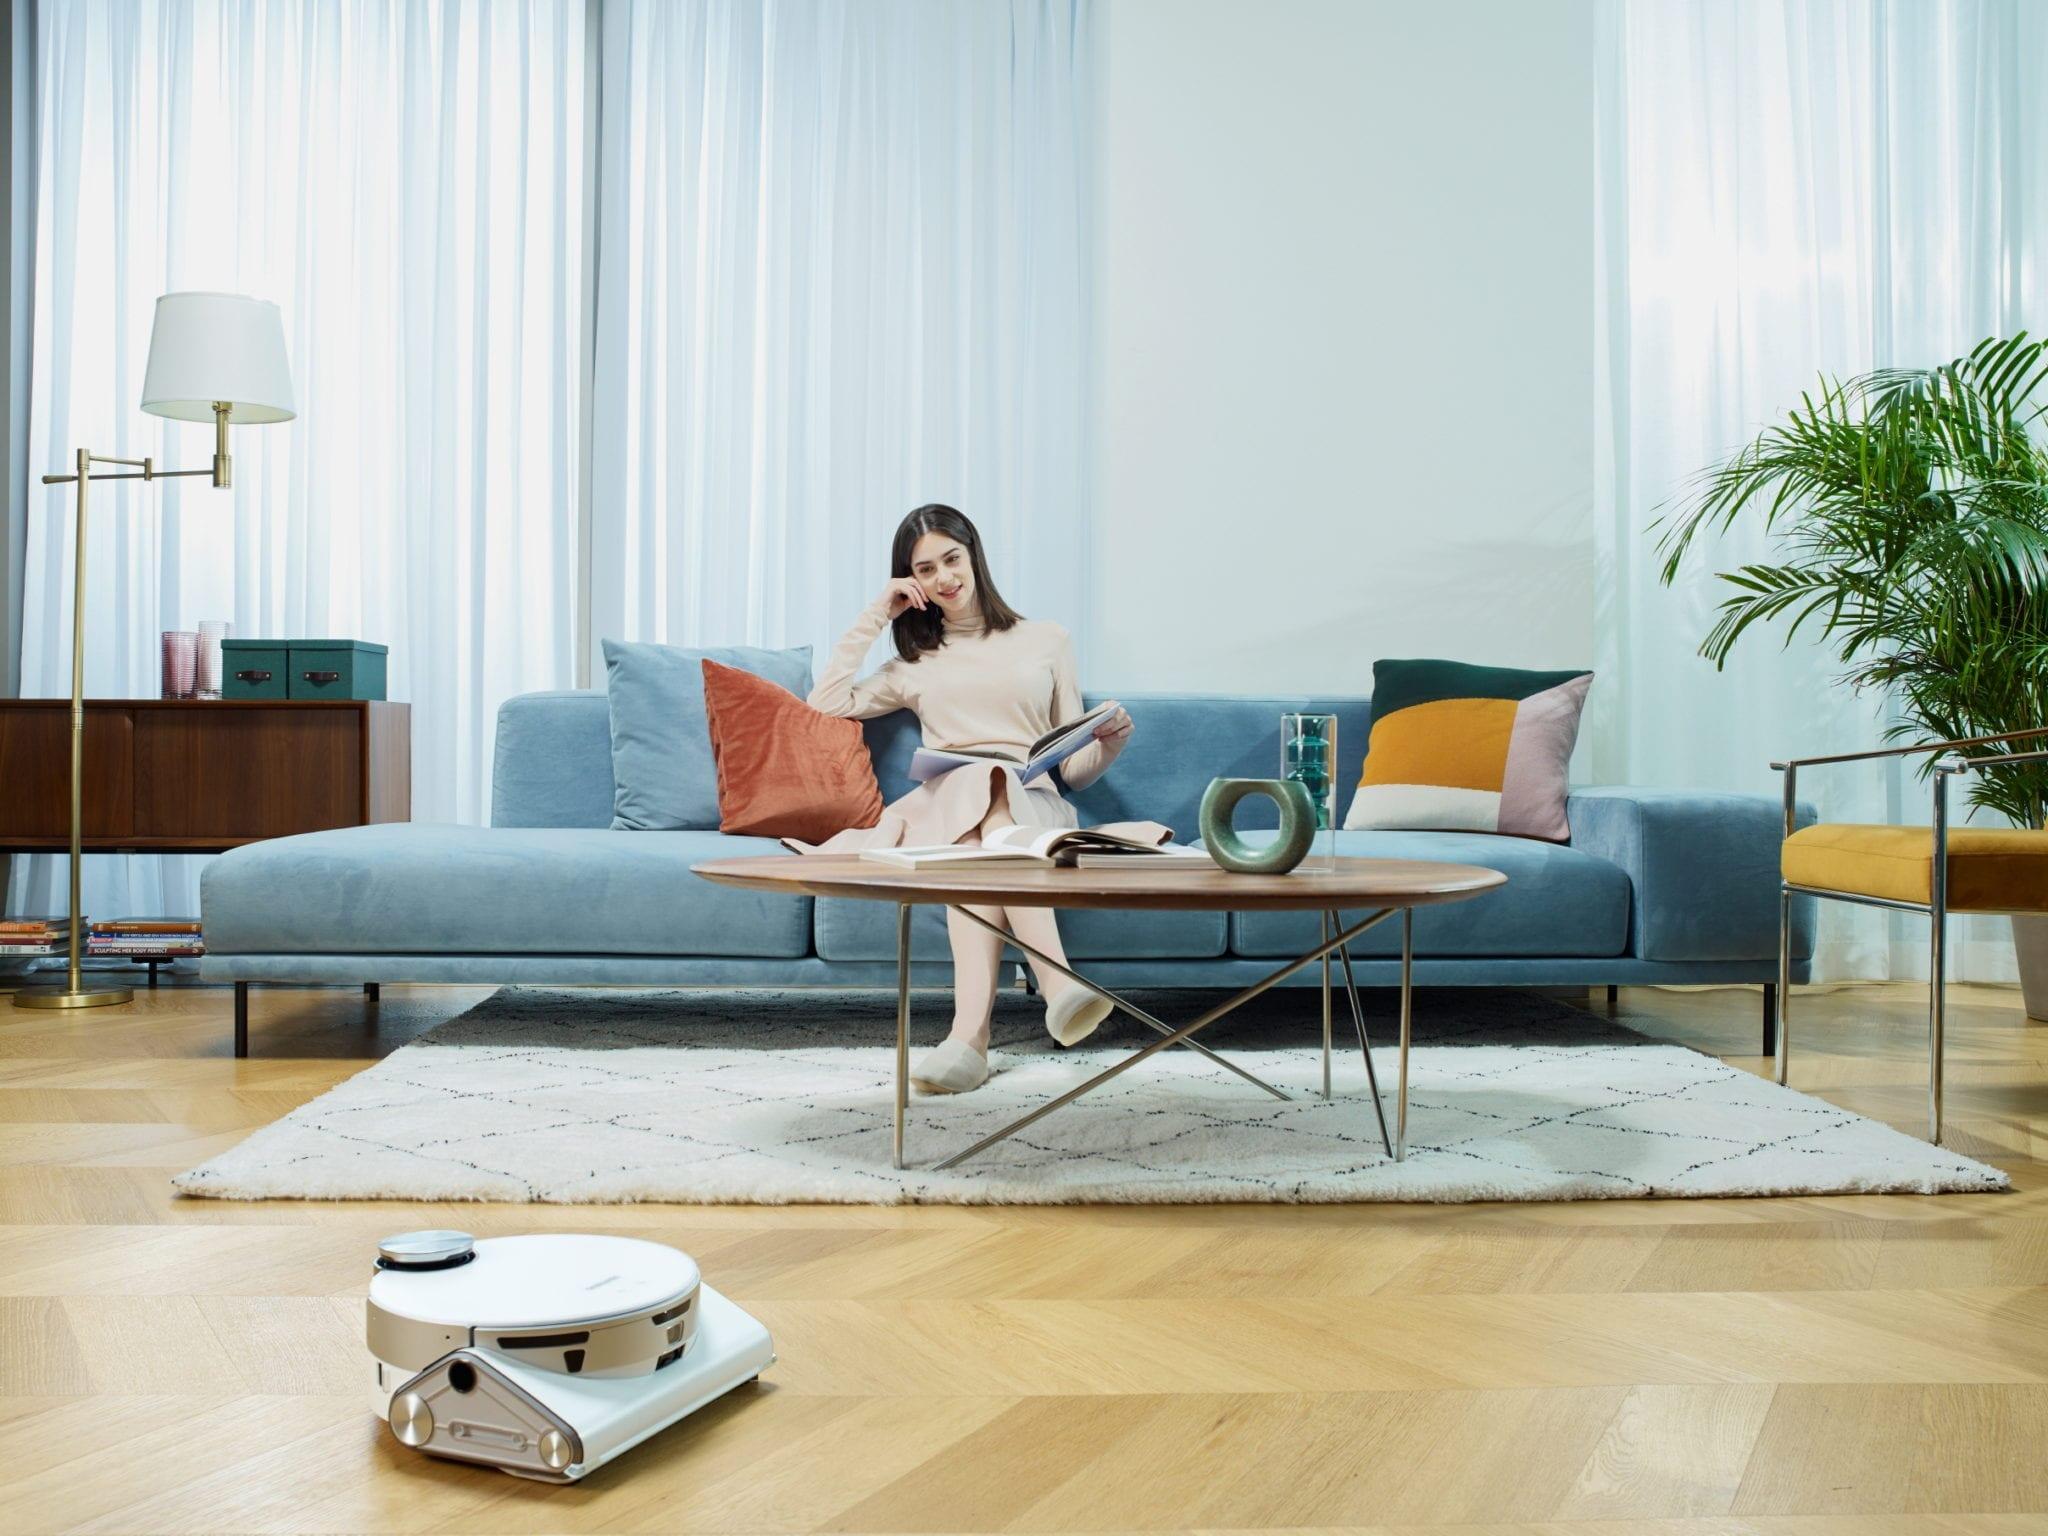 JetBot 90 AI+ ינקה לכם את הסלון